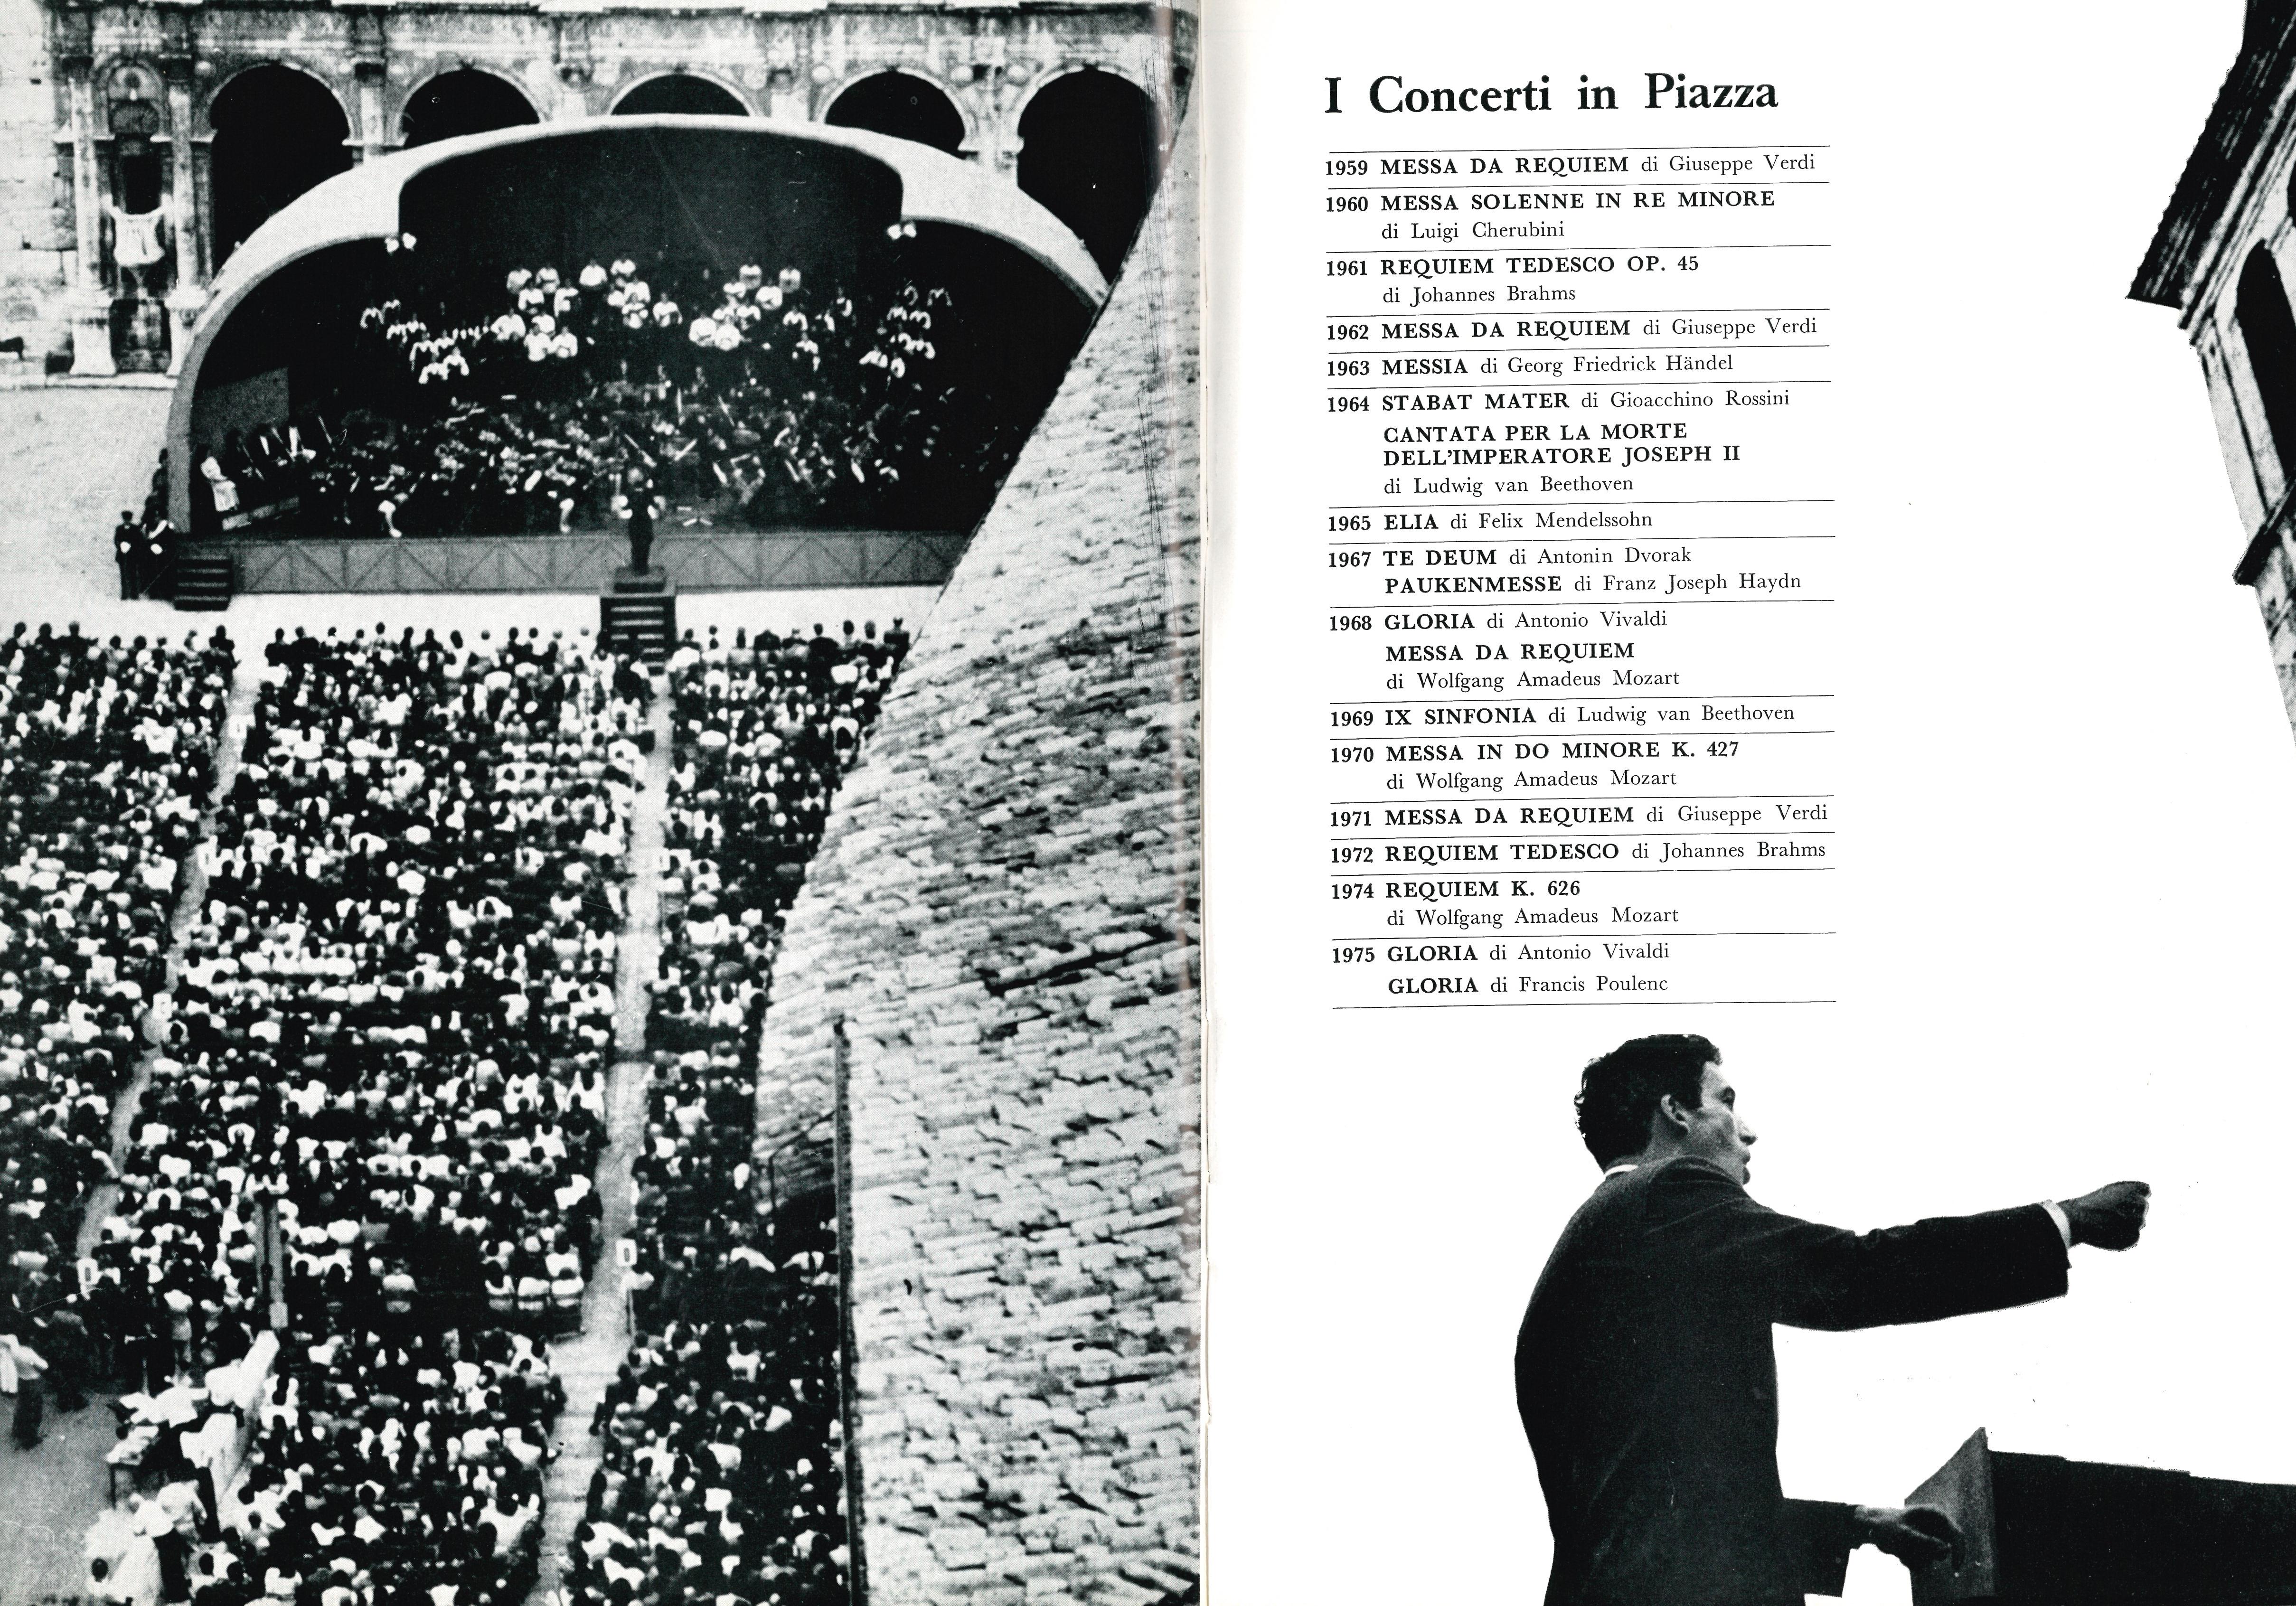 5.I concerti in piazza di Schippers